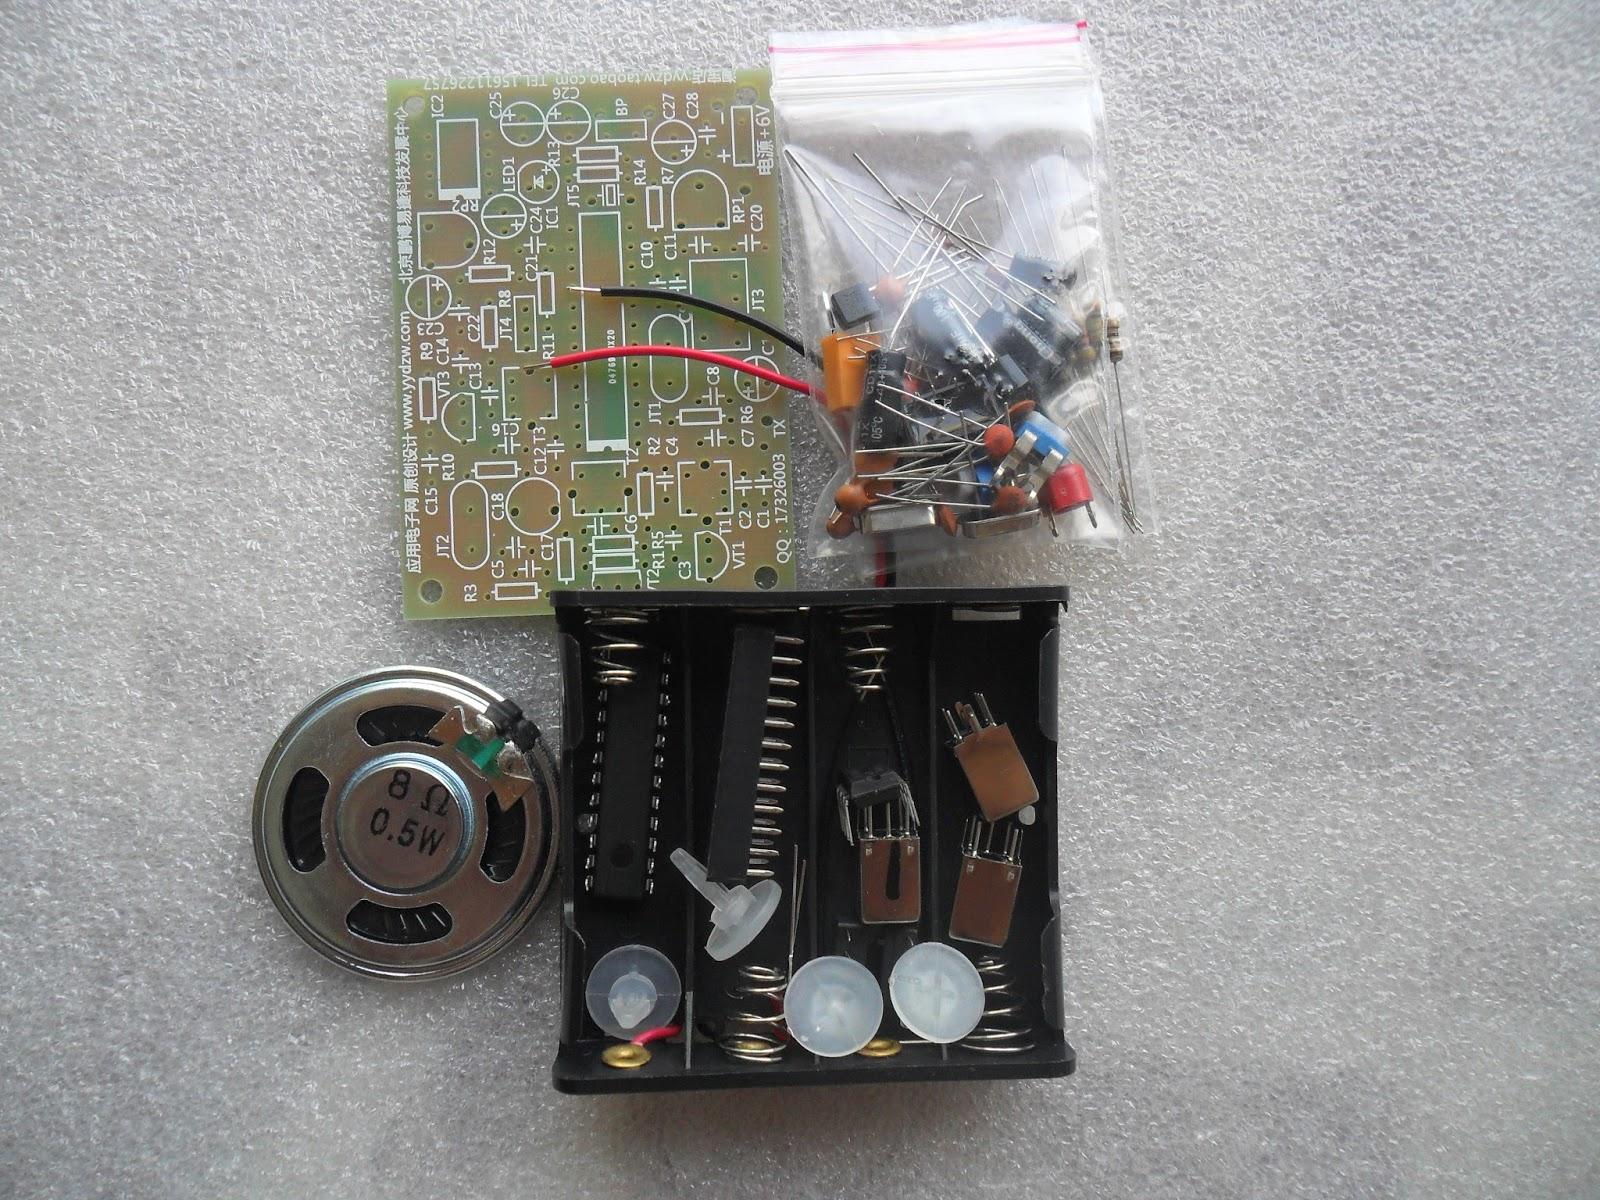 ชุดคิทวิทยุ รับ - ส่ง 1 ช่องความถี่ เพื่อการทดลอง